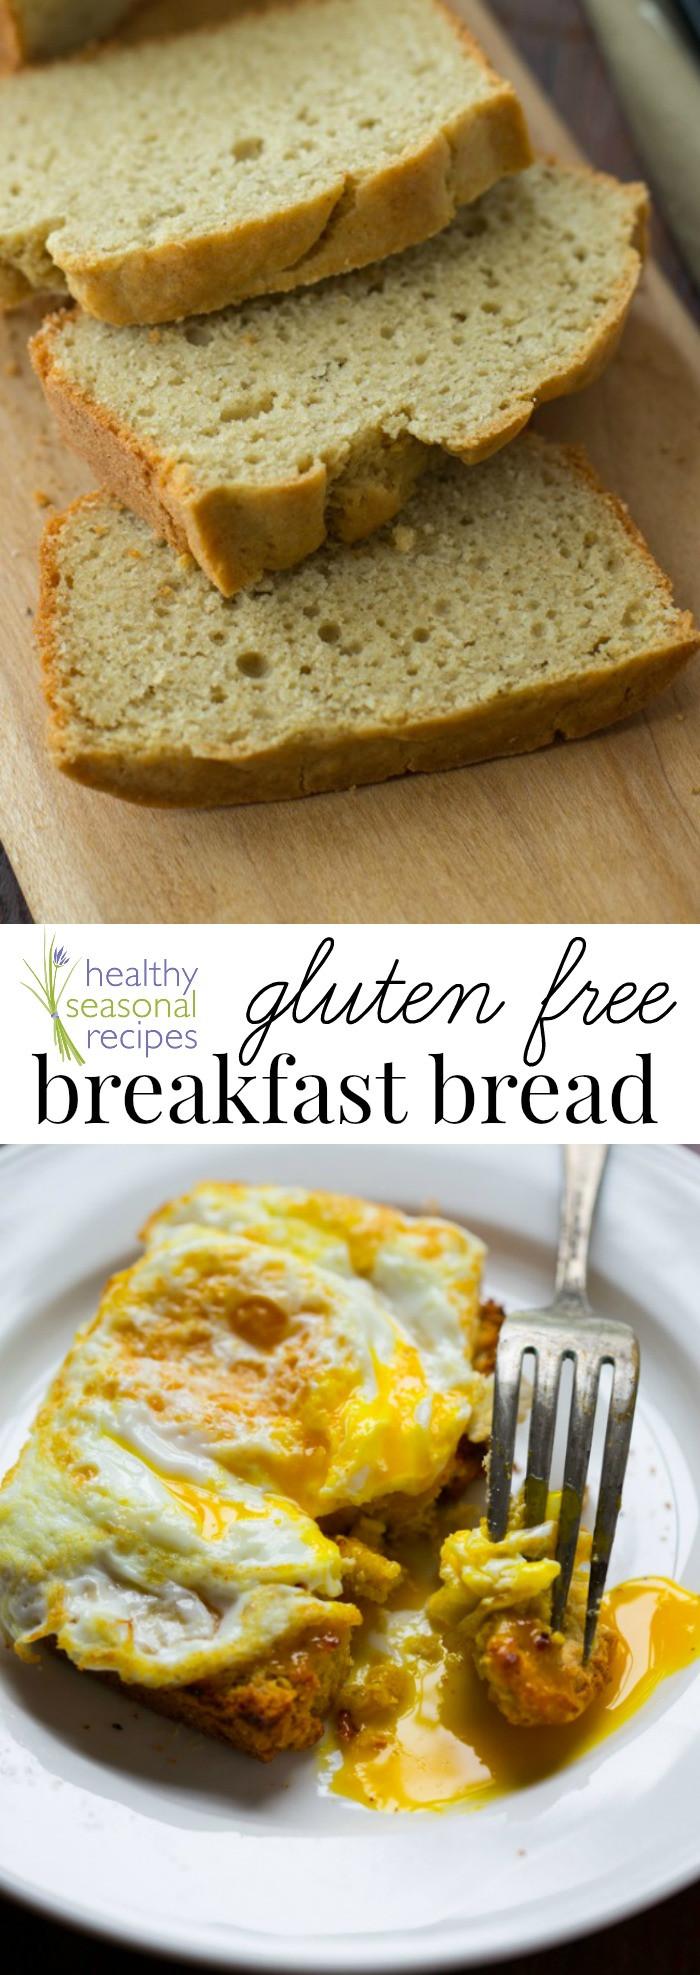 Healthy Gluten Free Breakfast  gluten free breakfast bread Healthy Seasonal Recipes